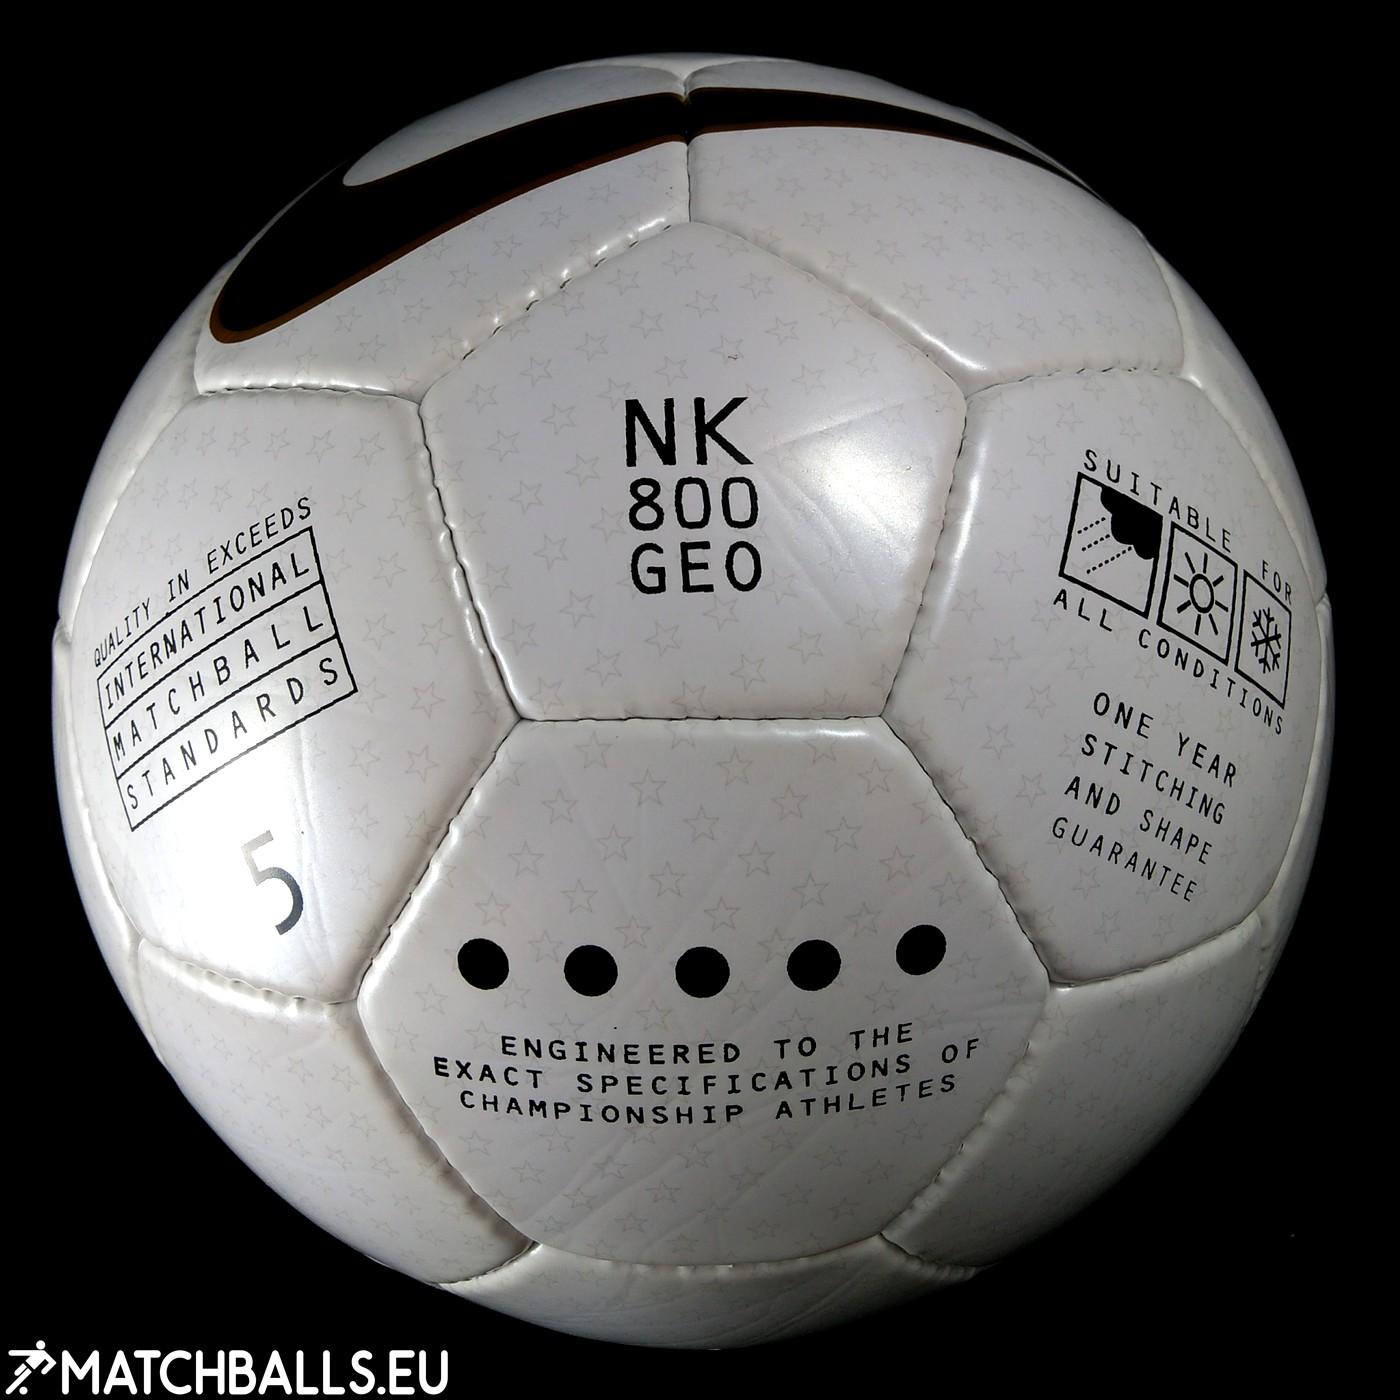 Nike NK 800 Geo Regular (Replica)   matchballs.eu